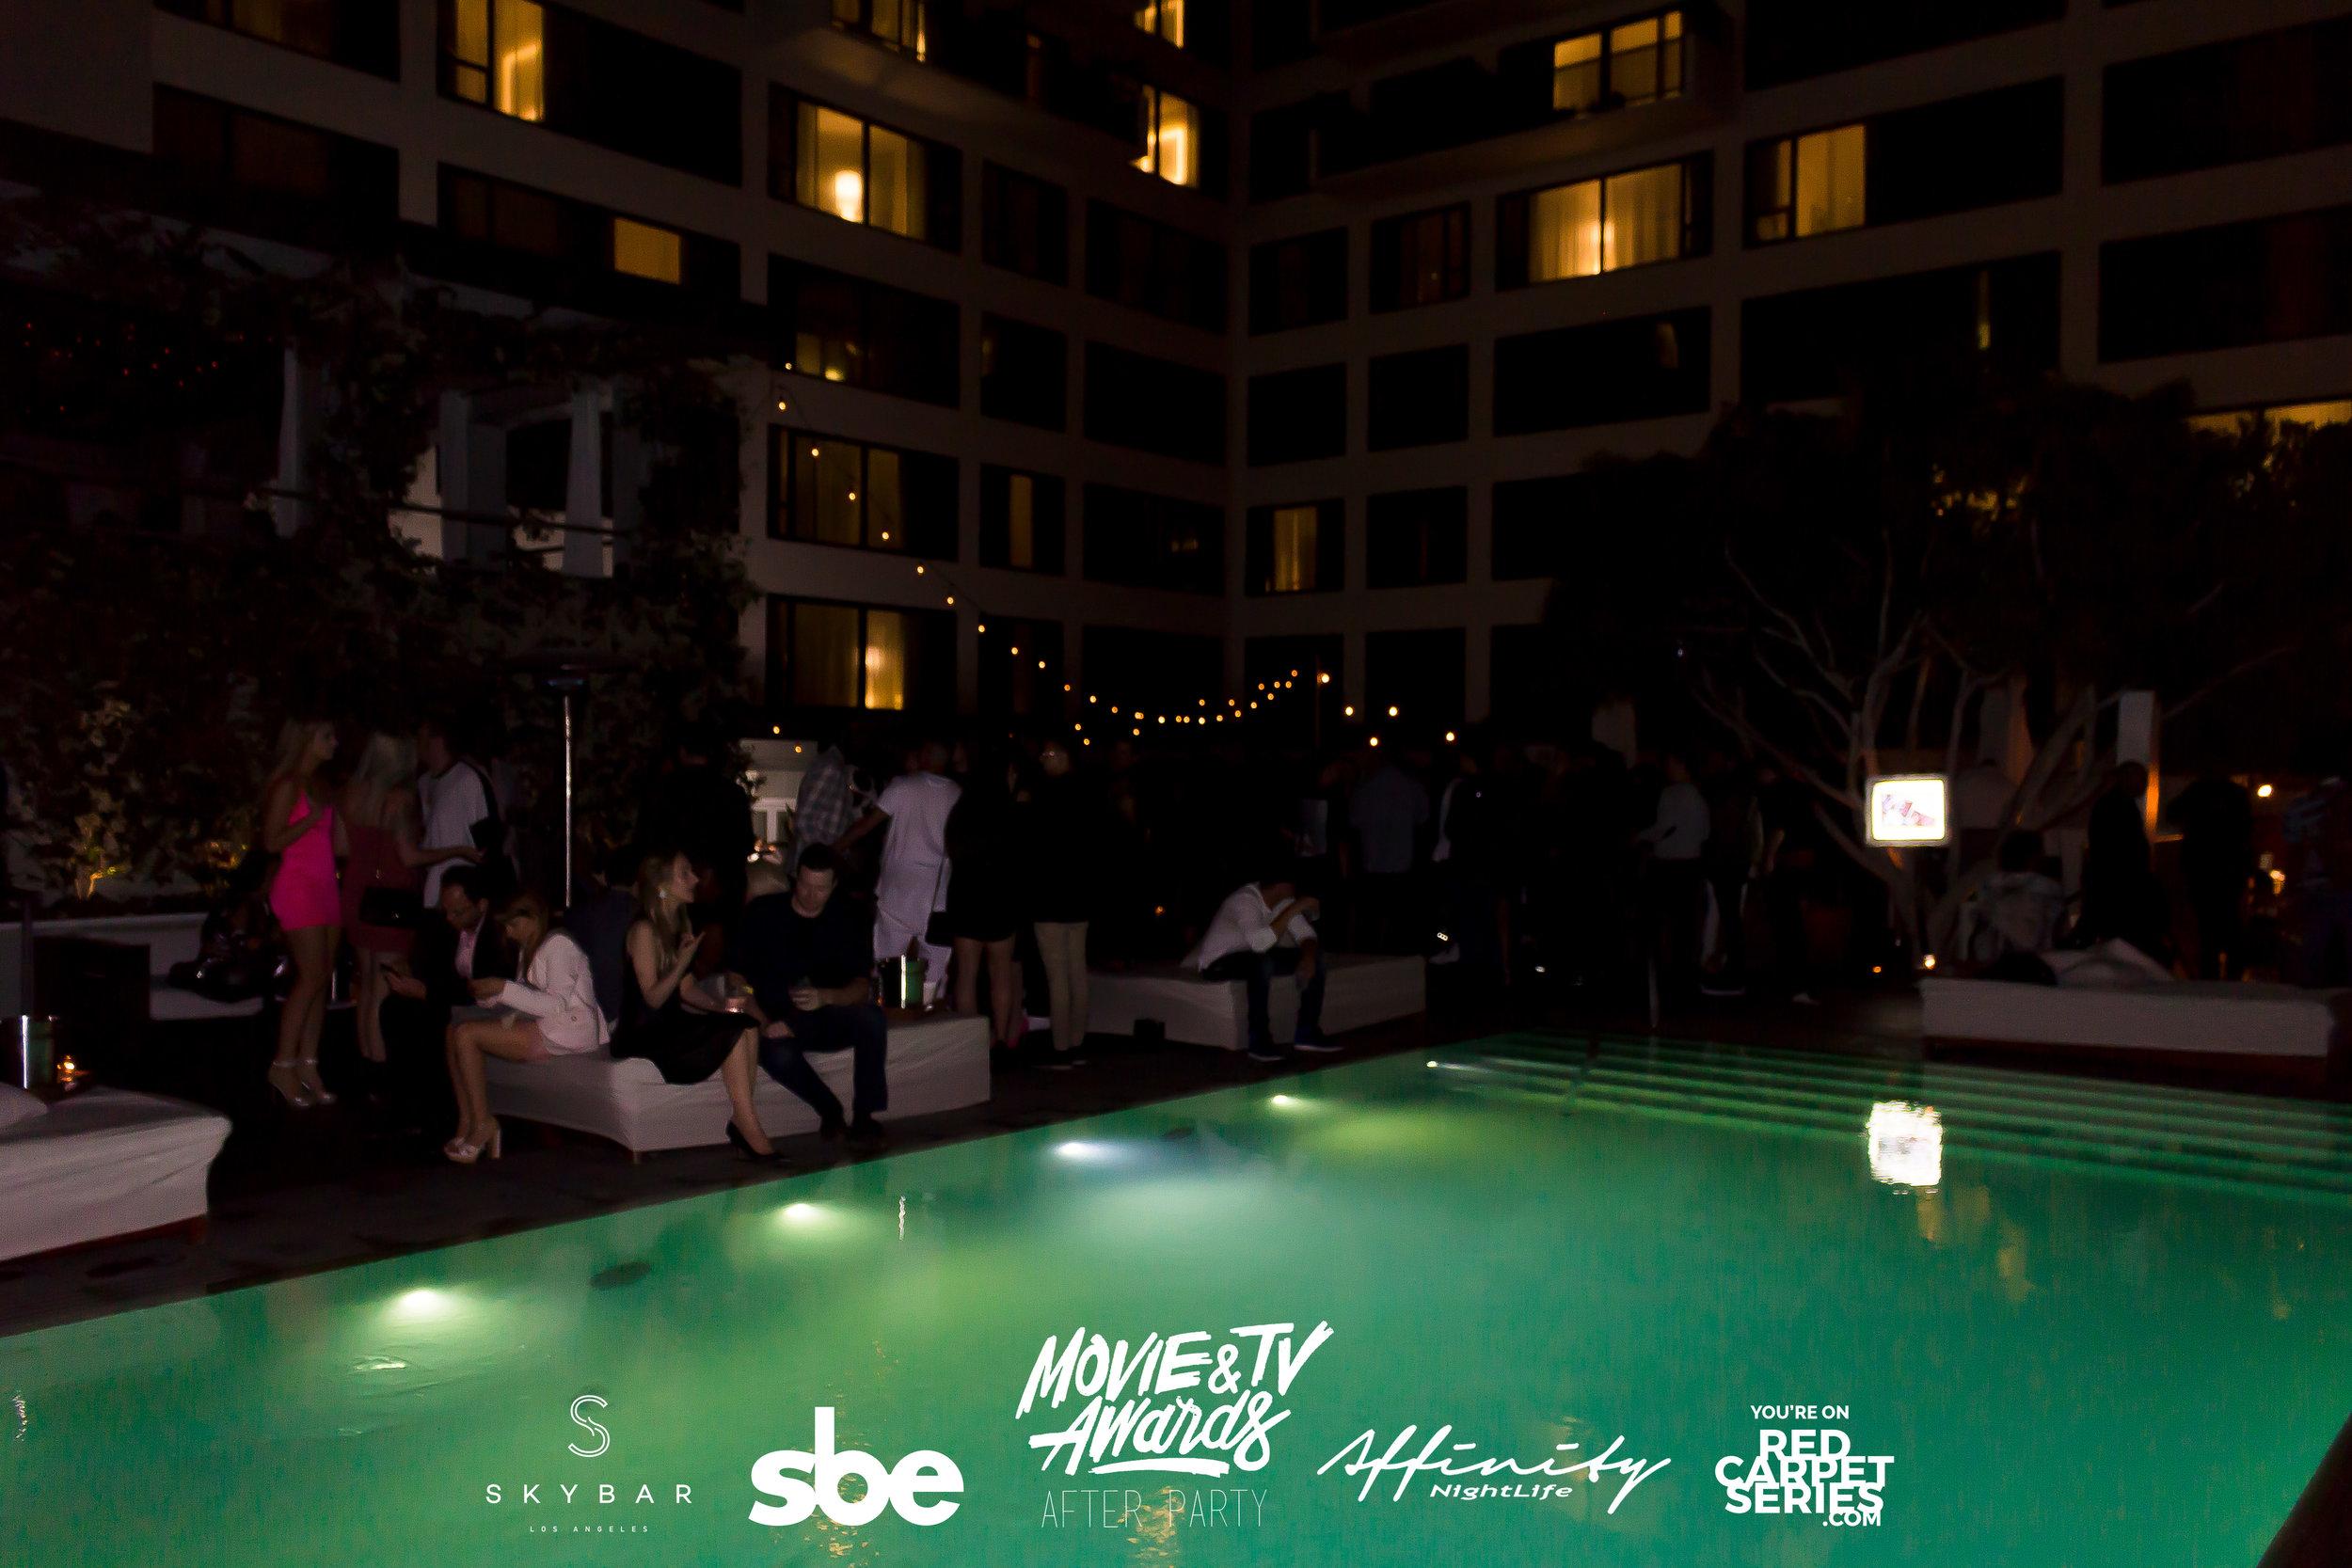 Affinity Nightlife MTV Movie & TV Awards After Party - Skybar at Mondrian - 06-15-19 - Vol. 2_142.jpg